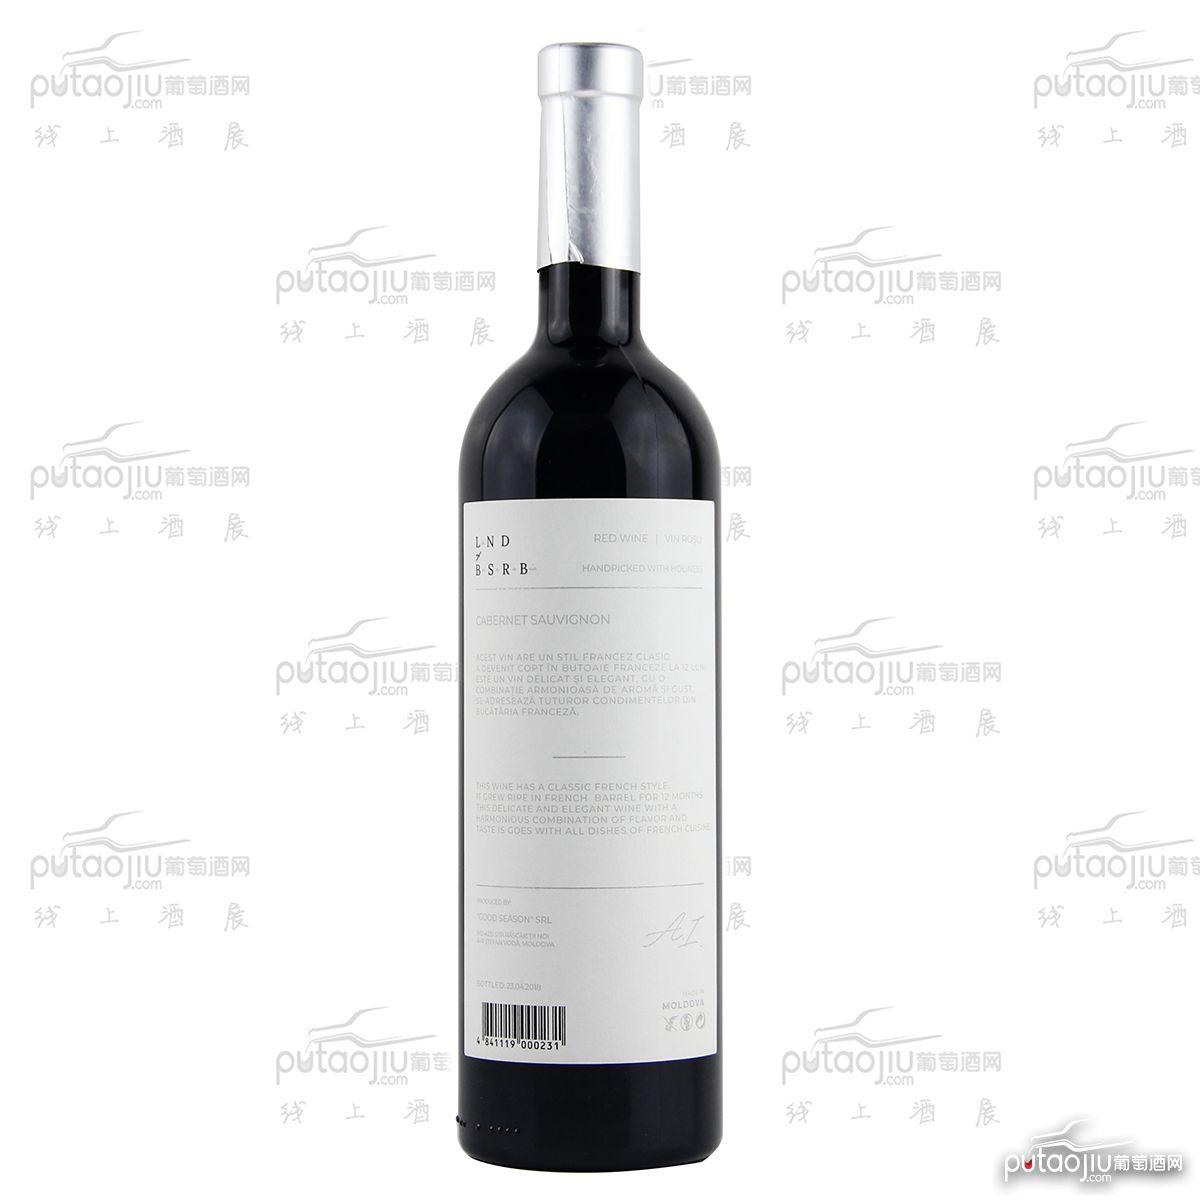 堡尔酒庄赤霞珠陈酿干红葡萄酒 2016